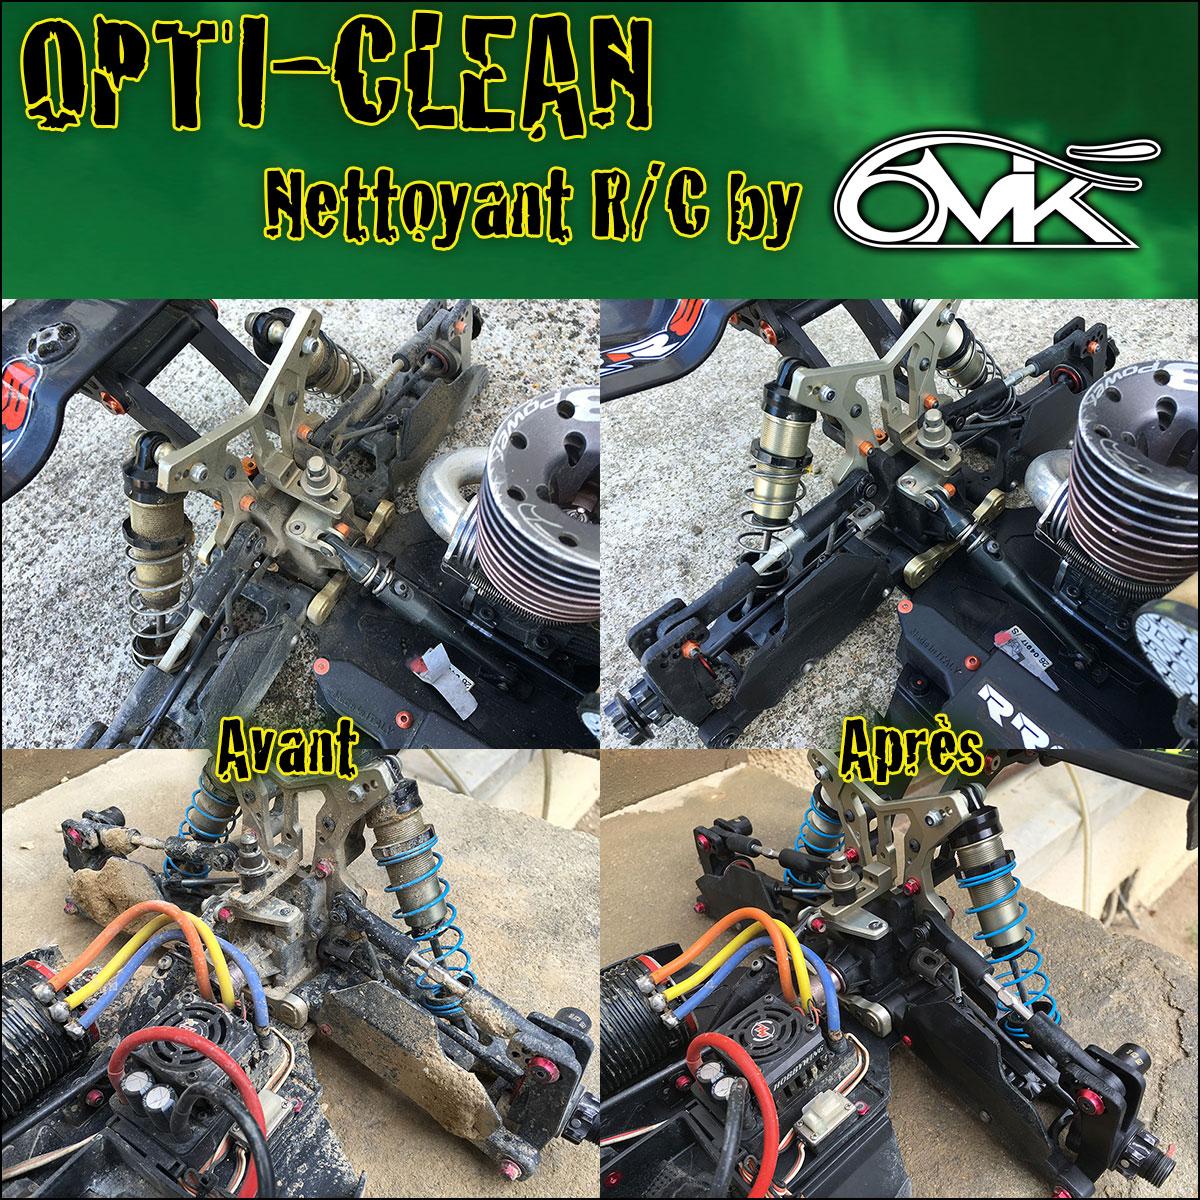 opti-clean-avt-apres-1200